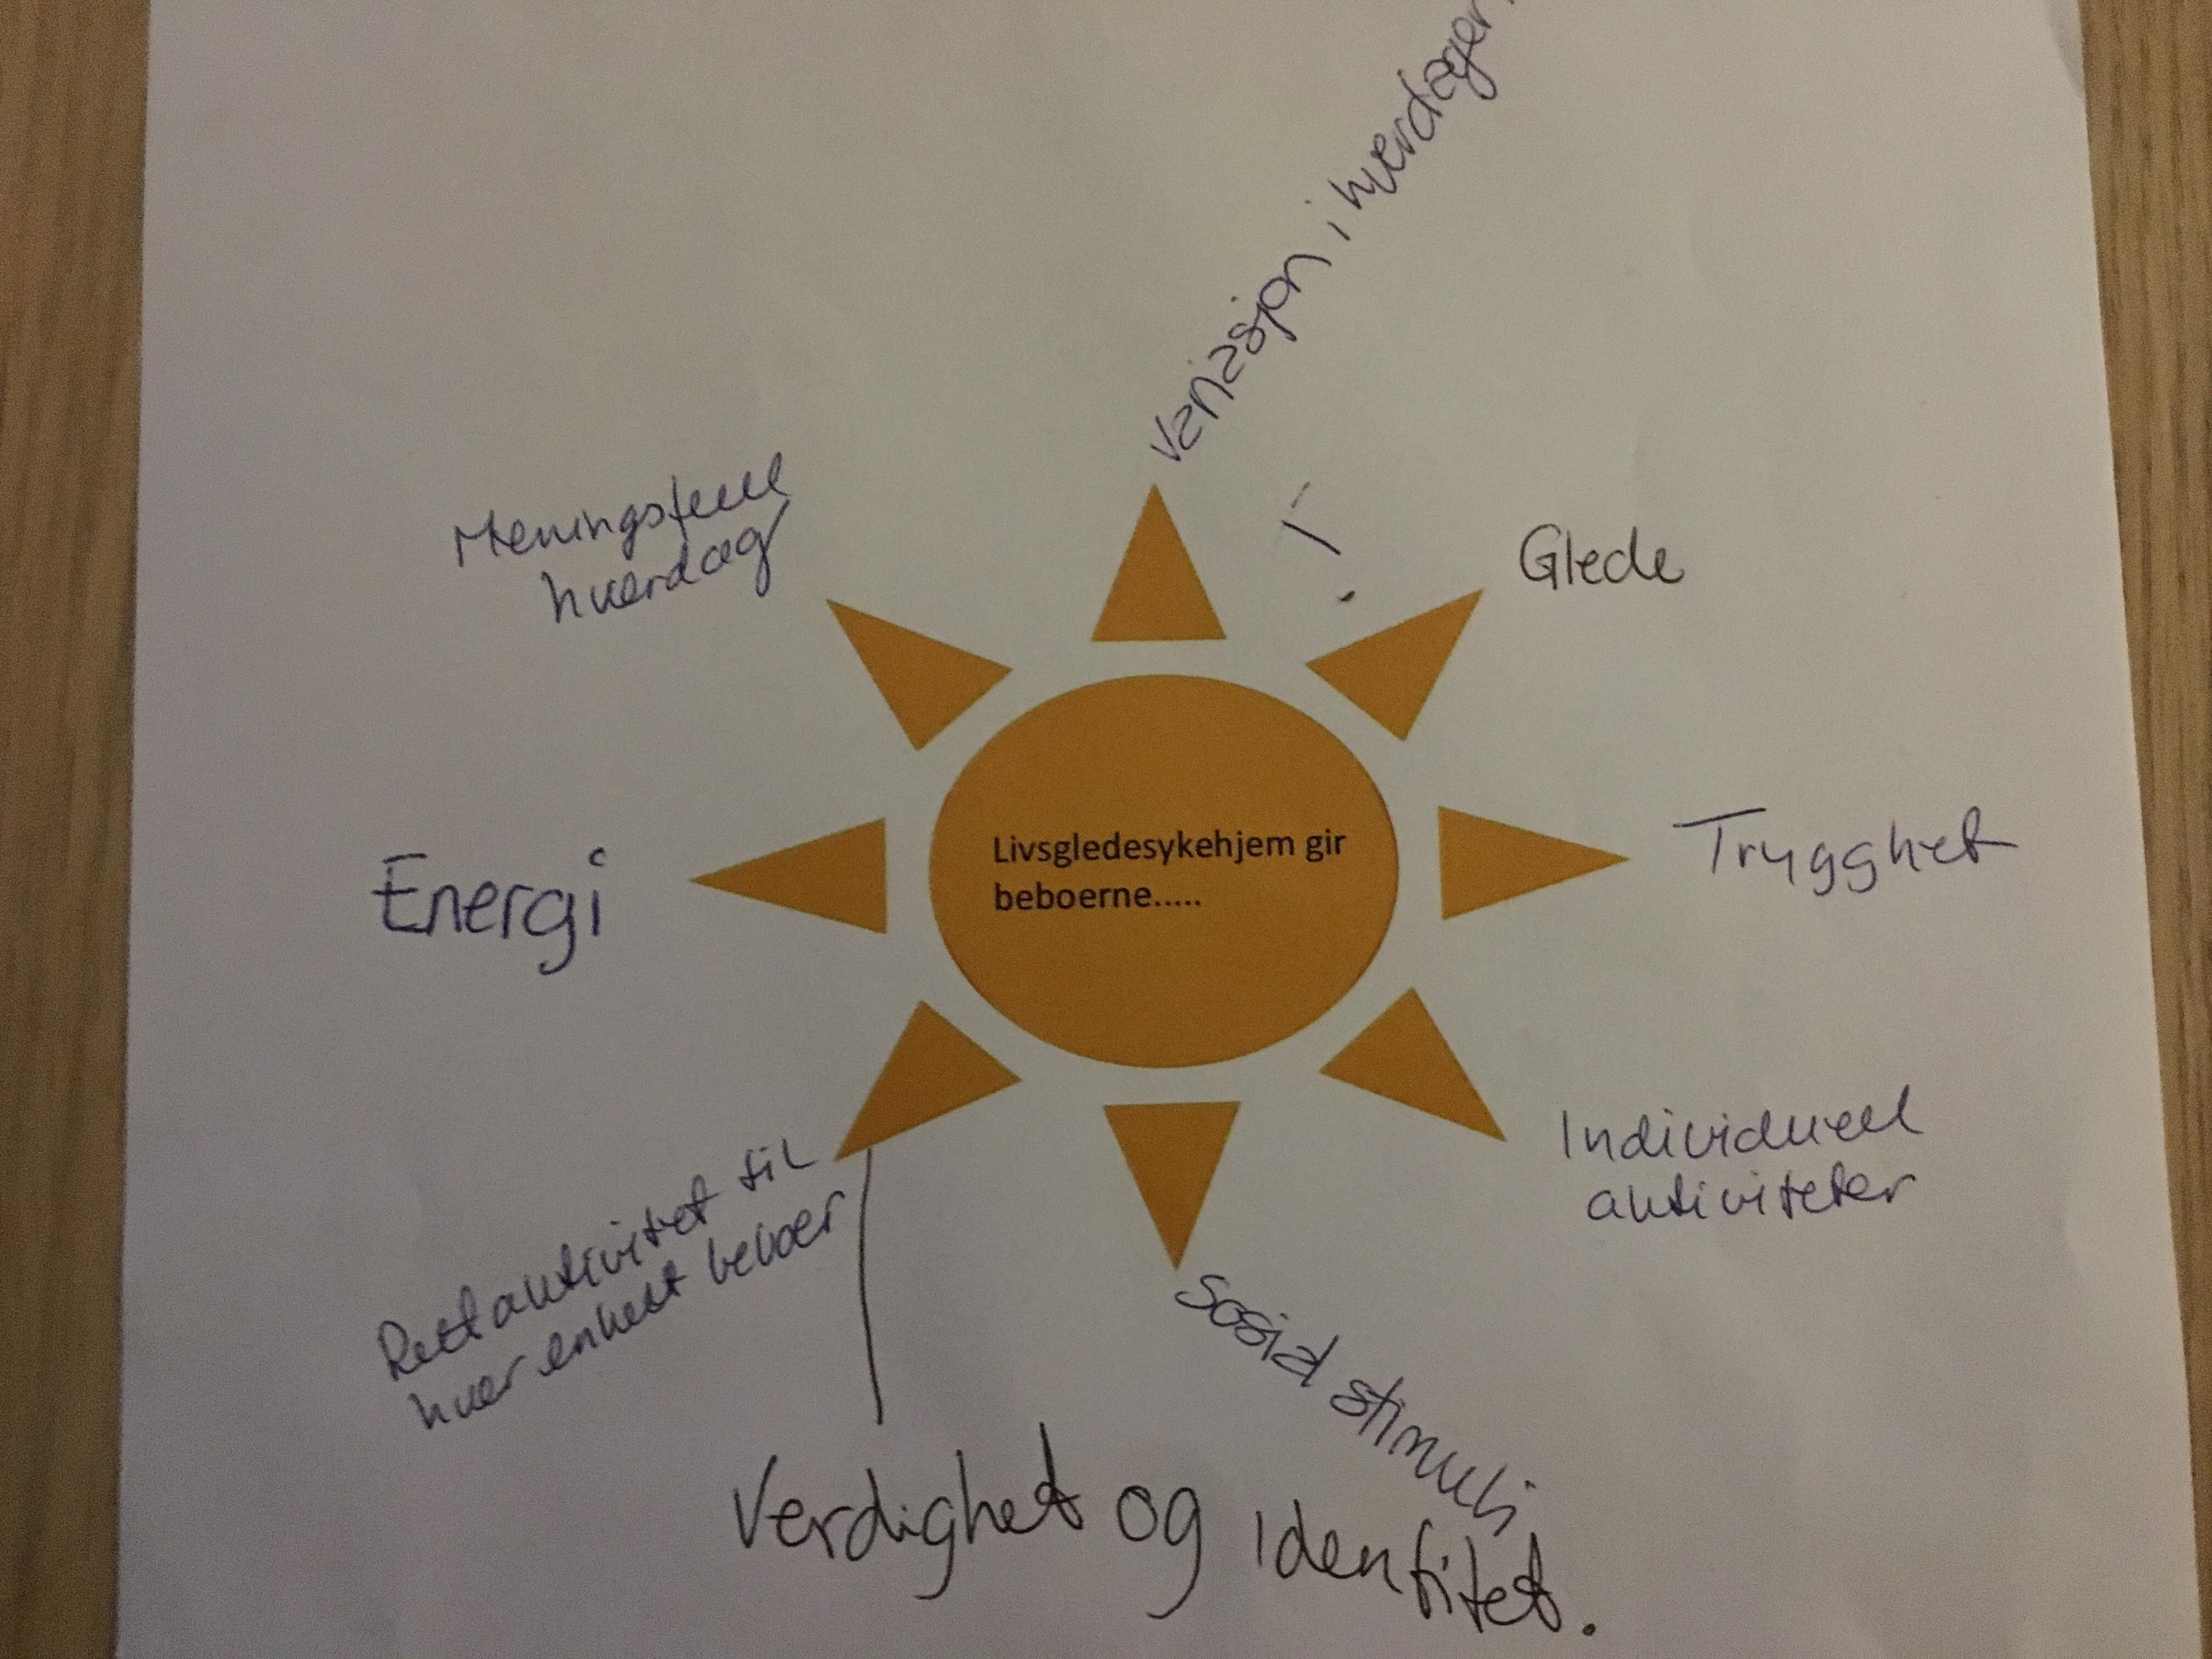 Pedagogisk sol ved sertifisering får livsgledegruppa til å reflektere over eget arbeid.